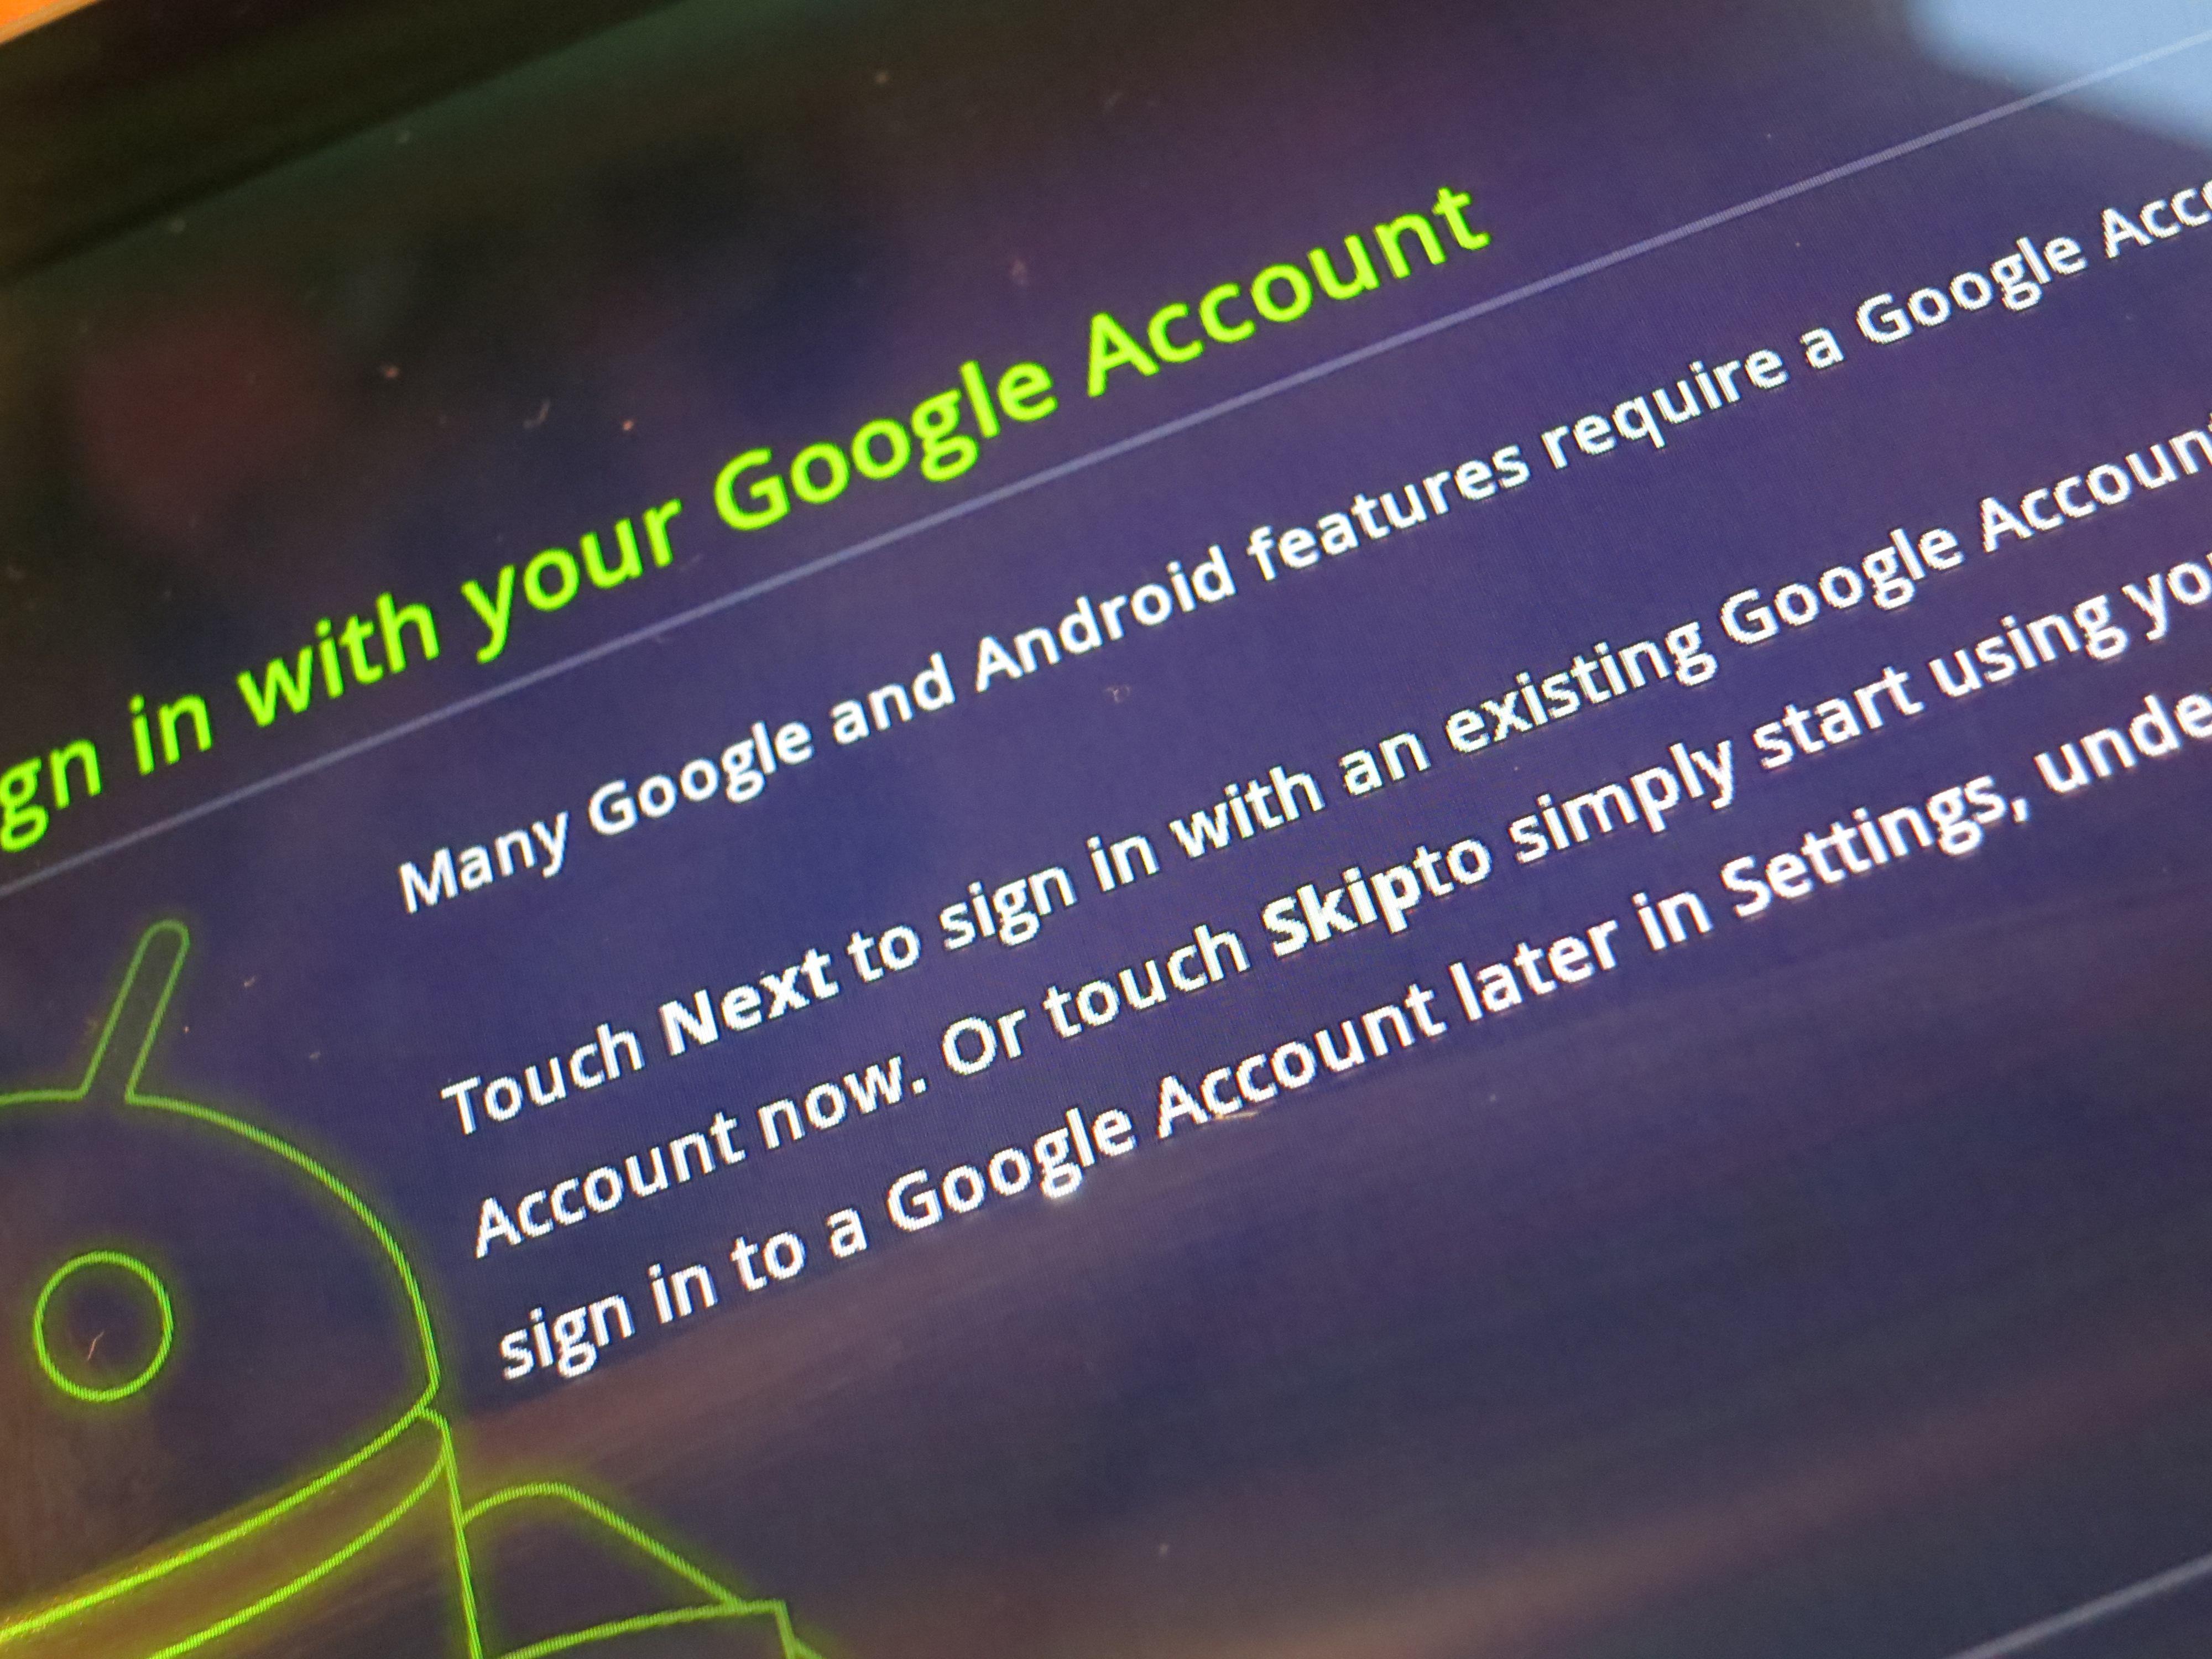 Du trenger en brukerkonto for å få tilgang til alle nettbaserte tjenester.